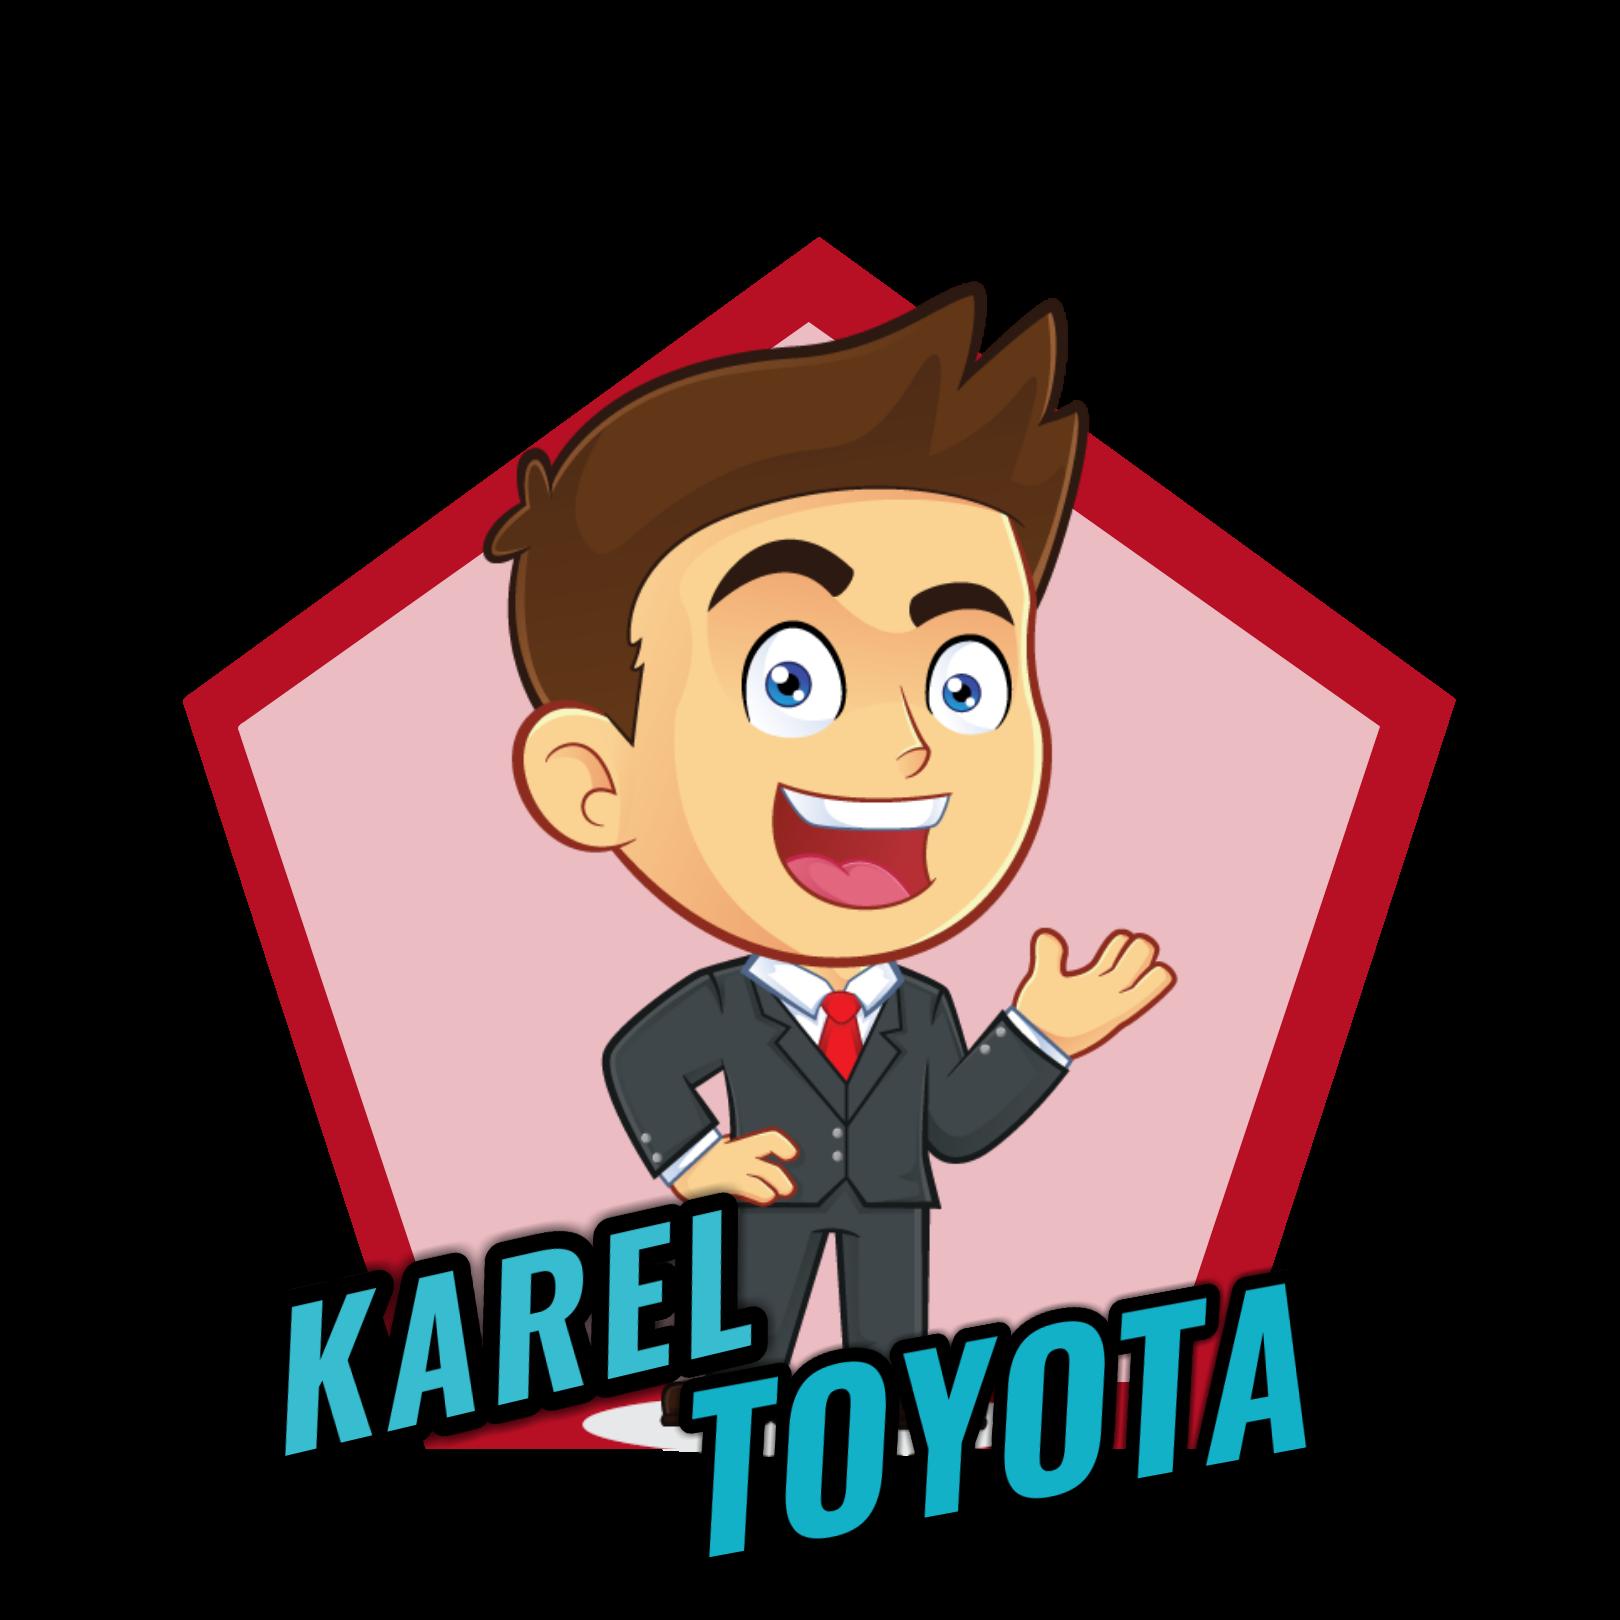 Karel Pradipta